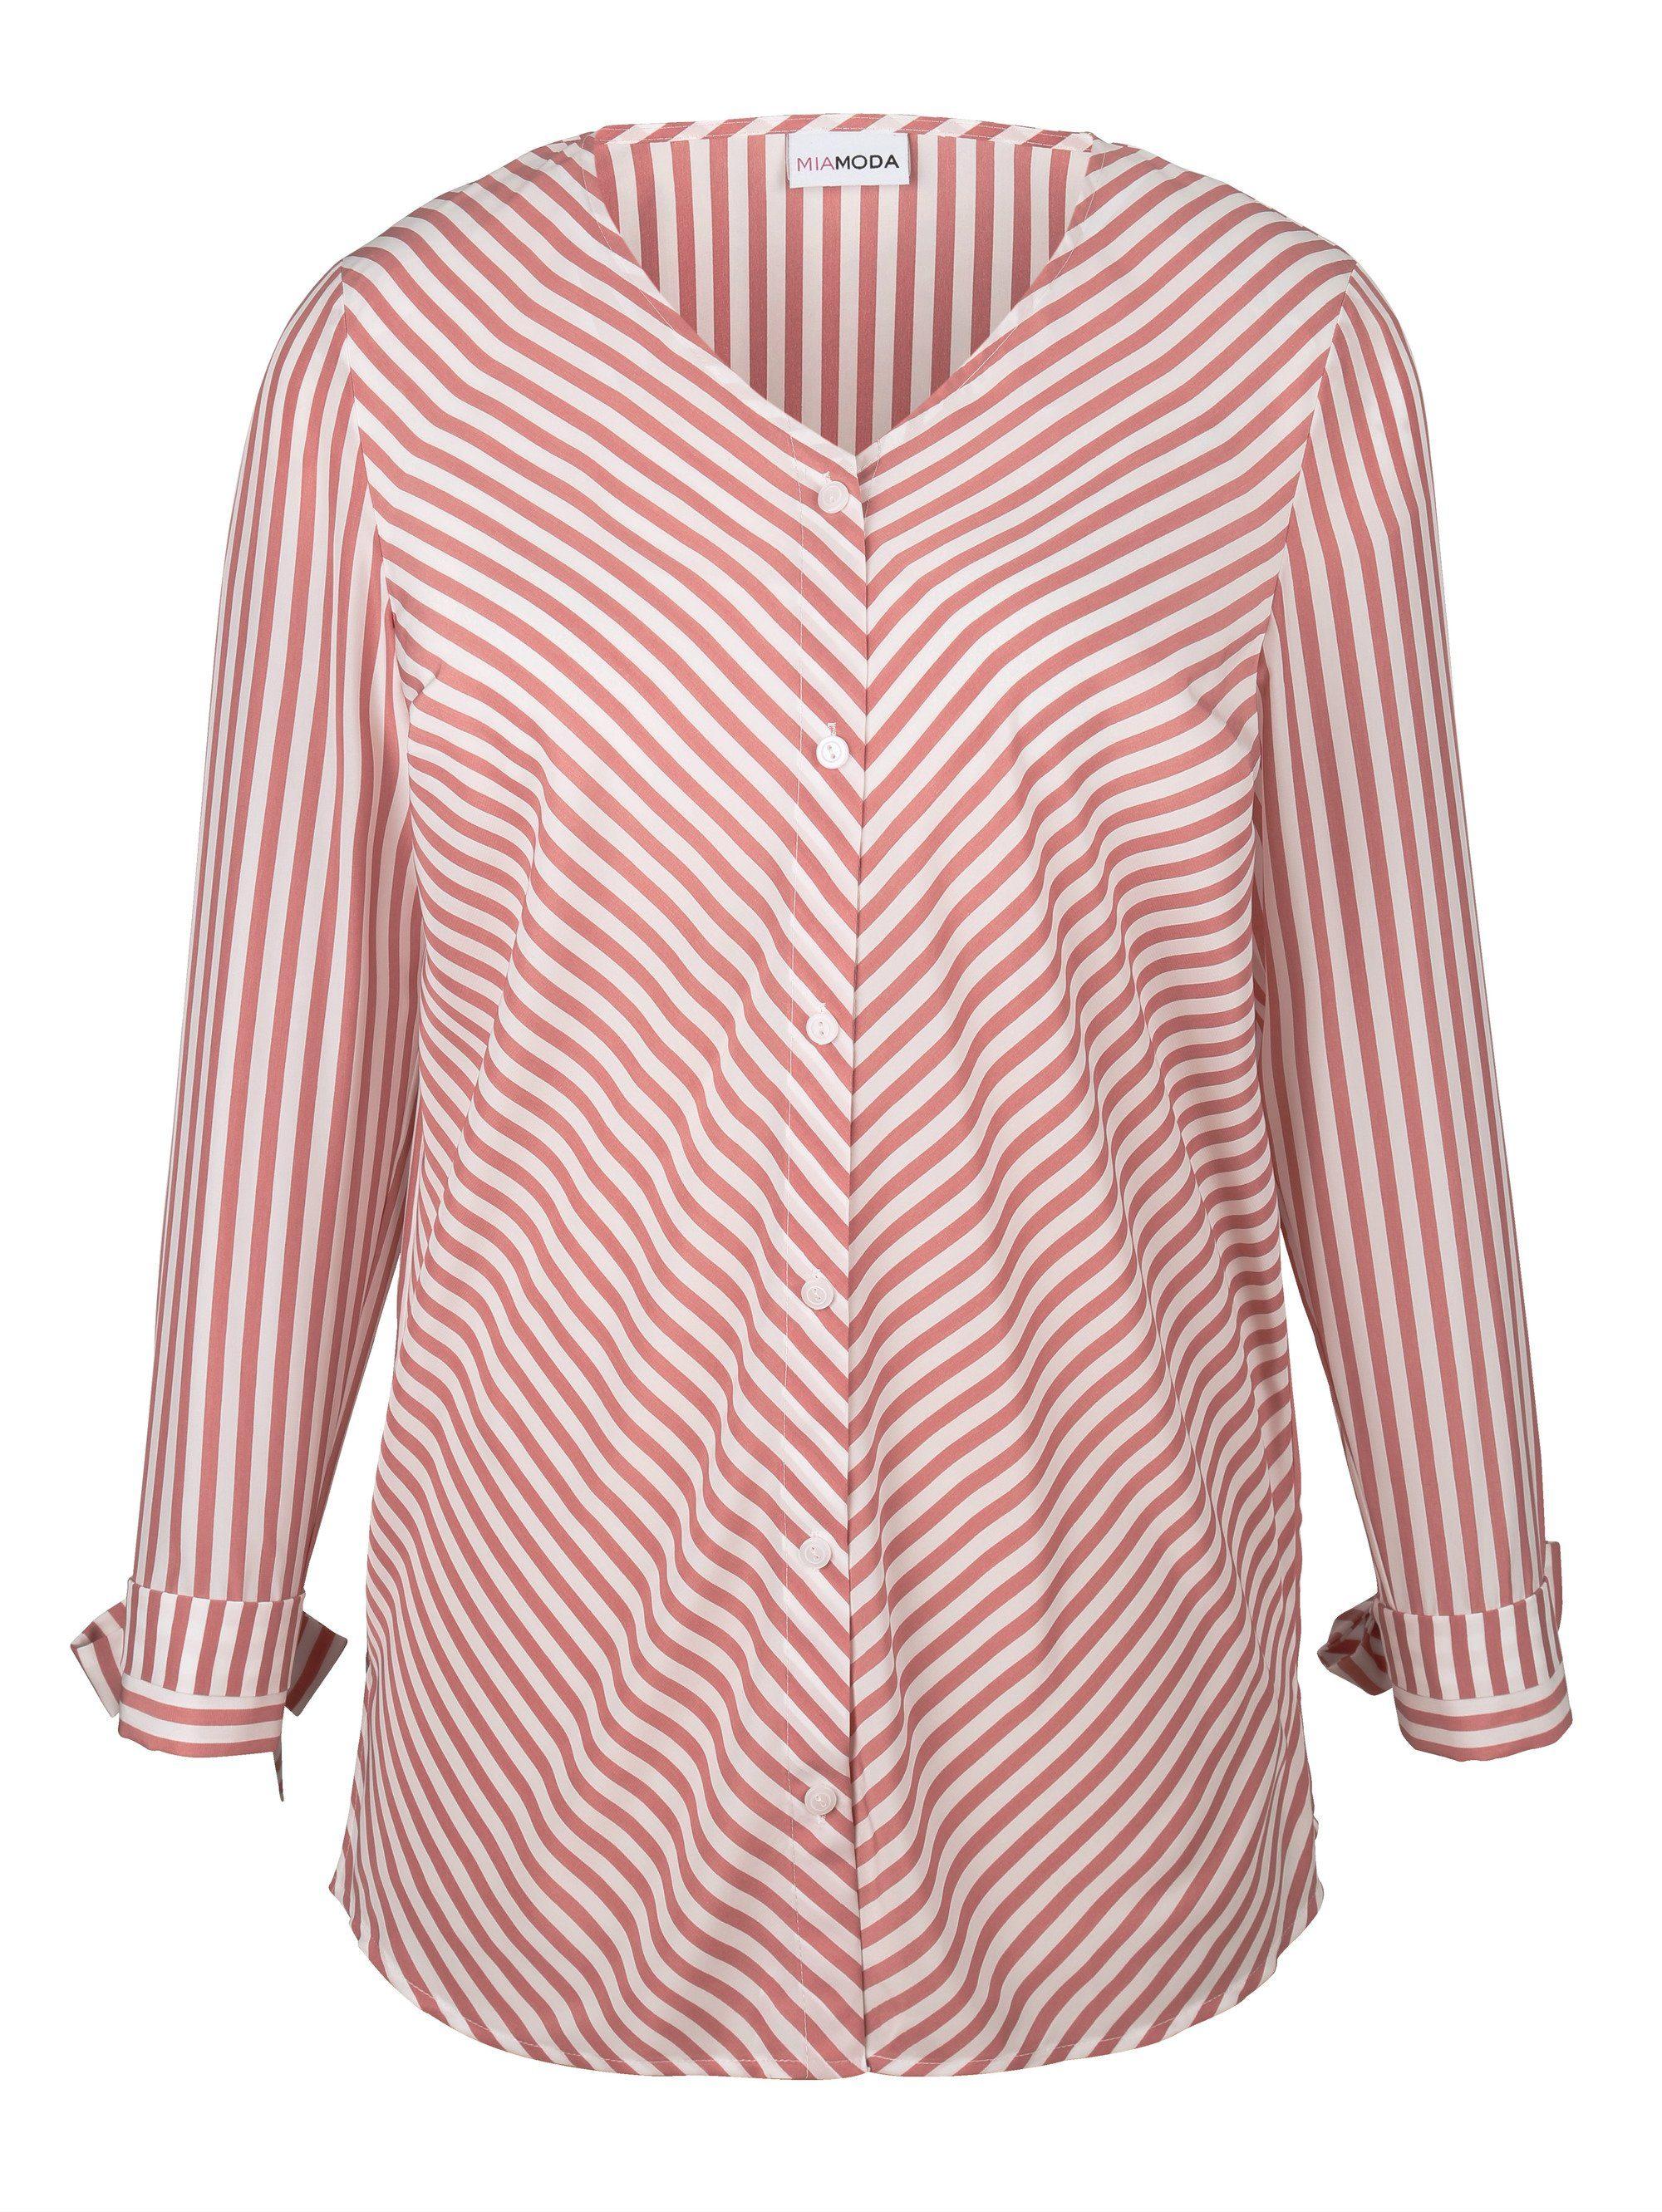 MIAMODA Bluse im Streifen Design